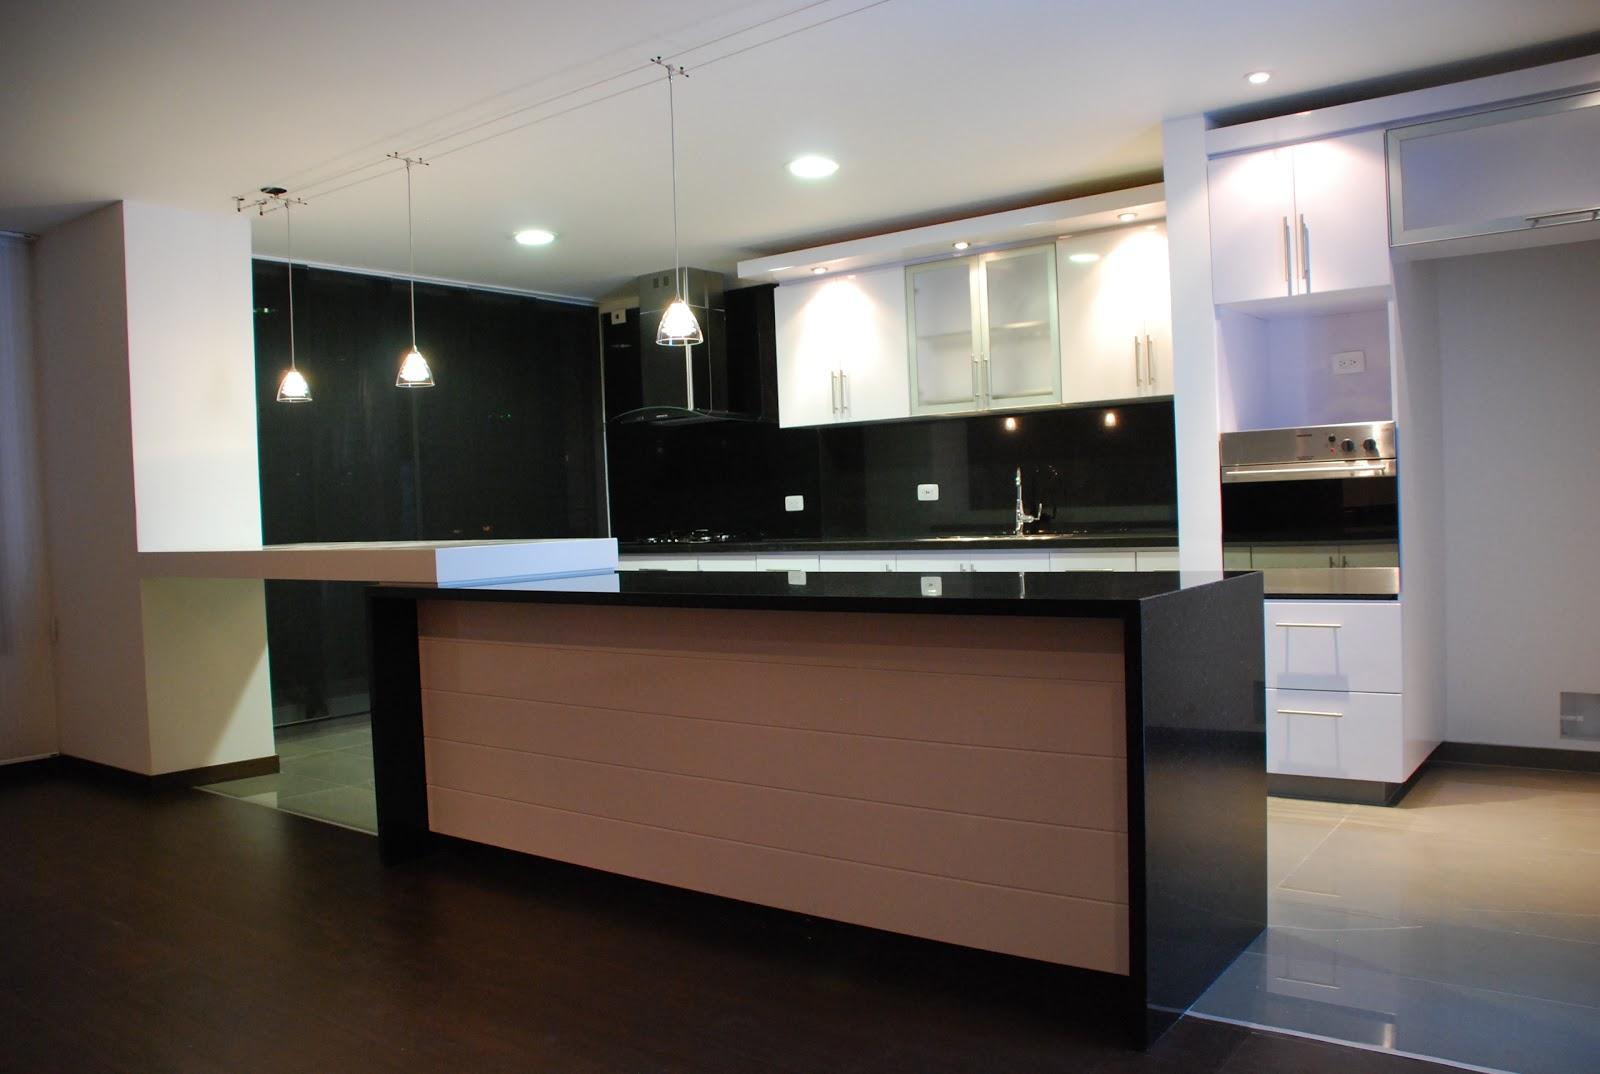 Cocinas integrales en madera barranquilla clasificados al for Cocinas integrales de madera